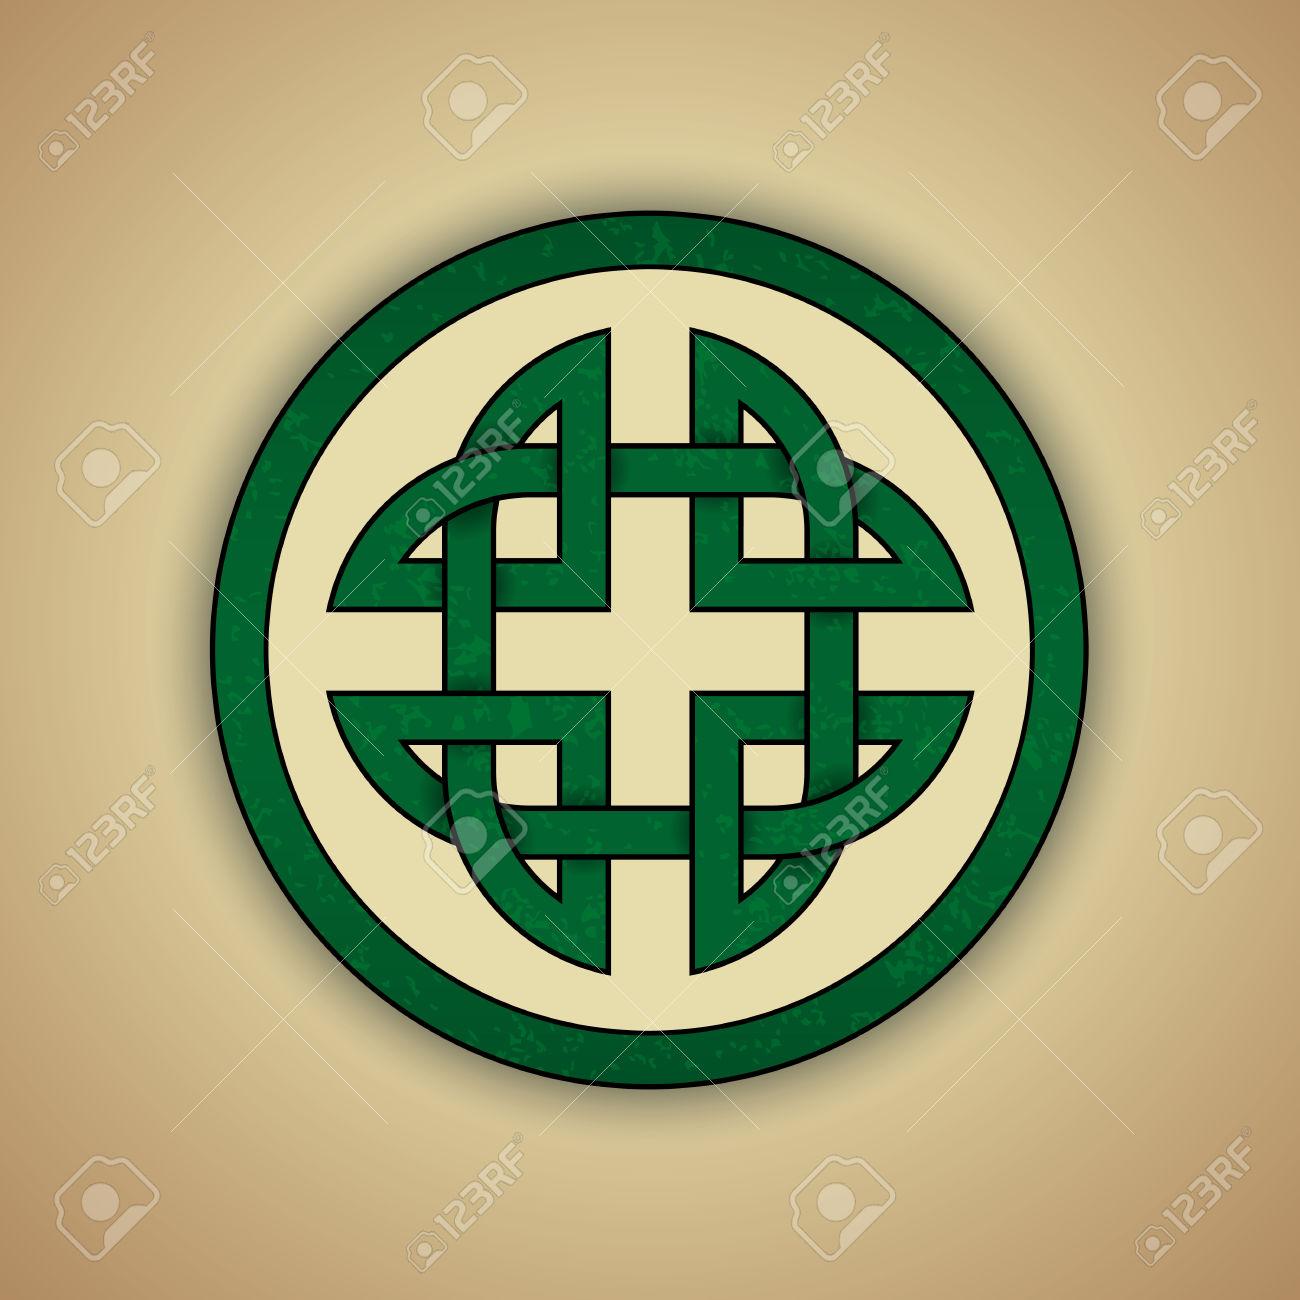 symbol for strength